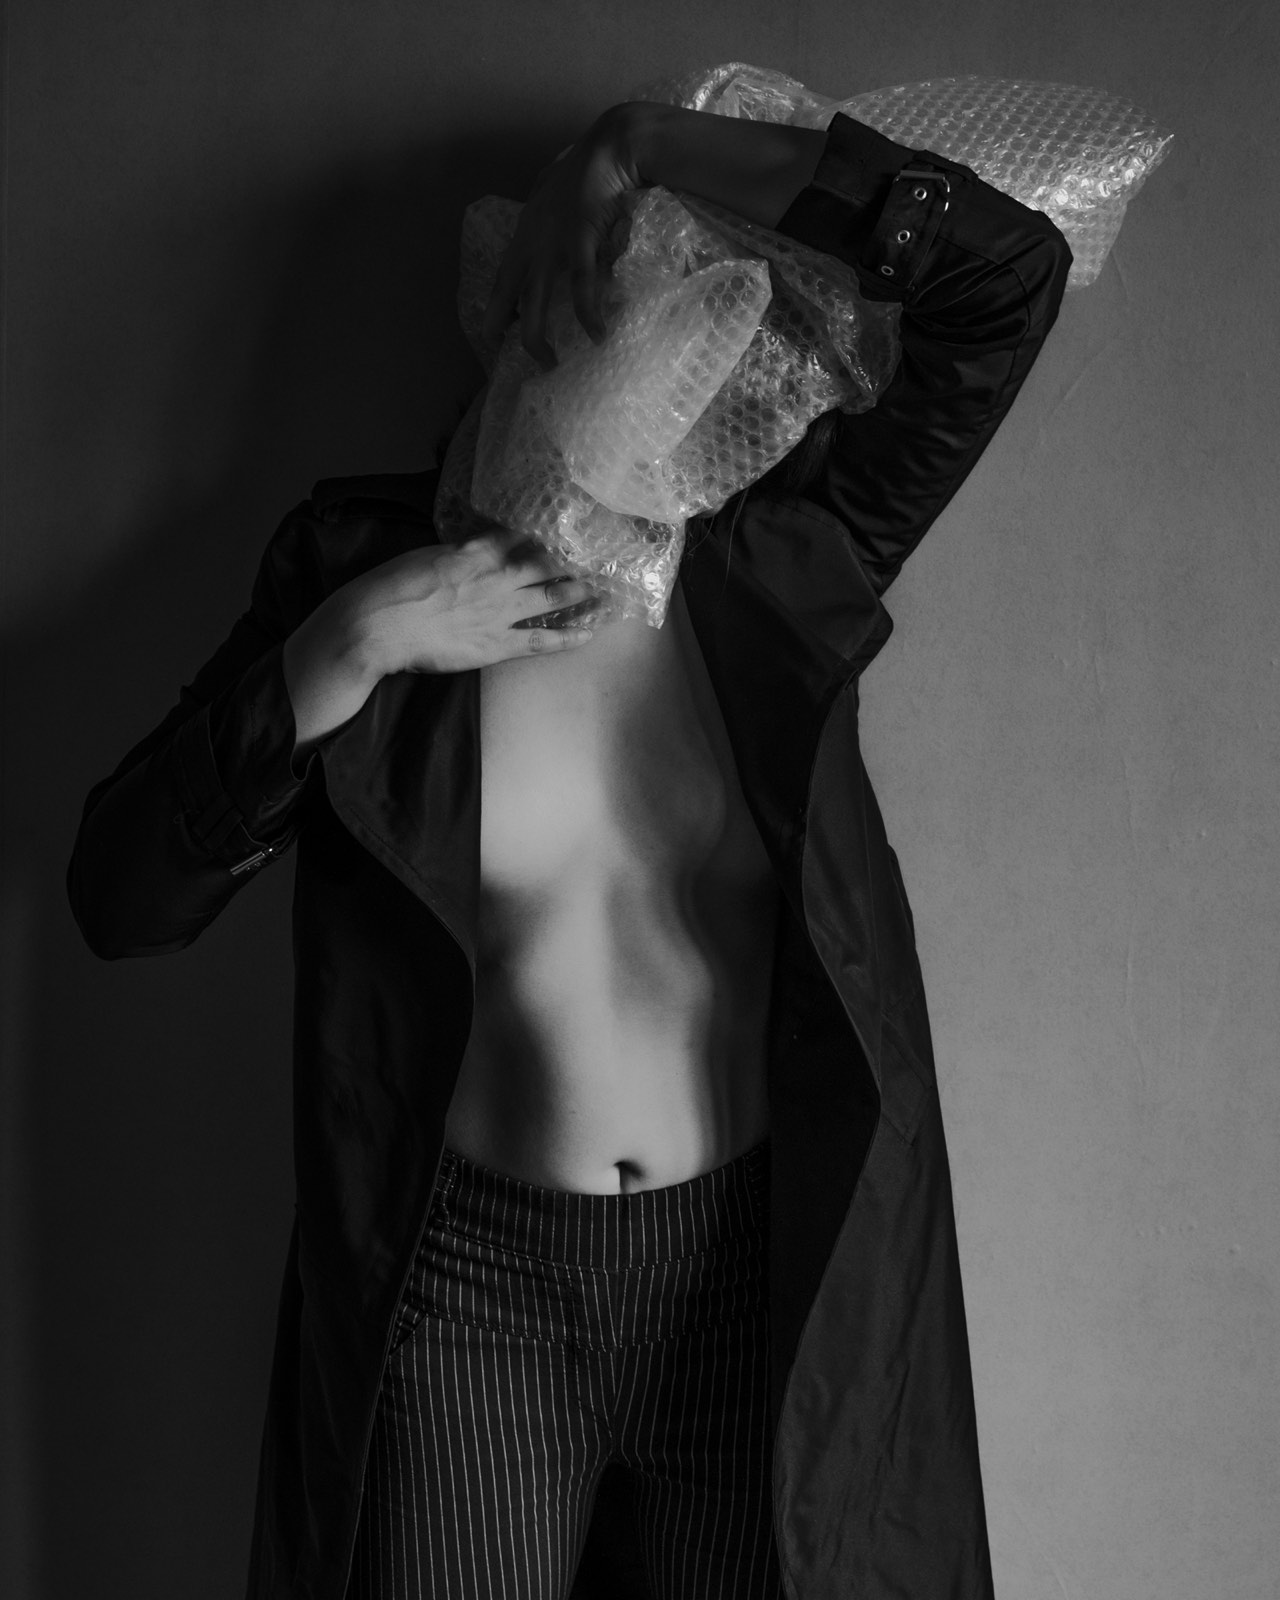 Foto van Mona Alikah van vrouw halfnaakt met plastic om hoofd